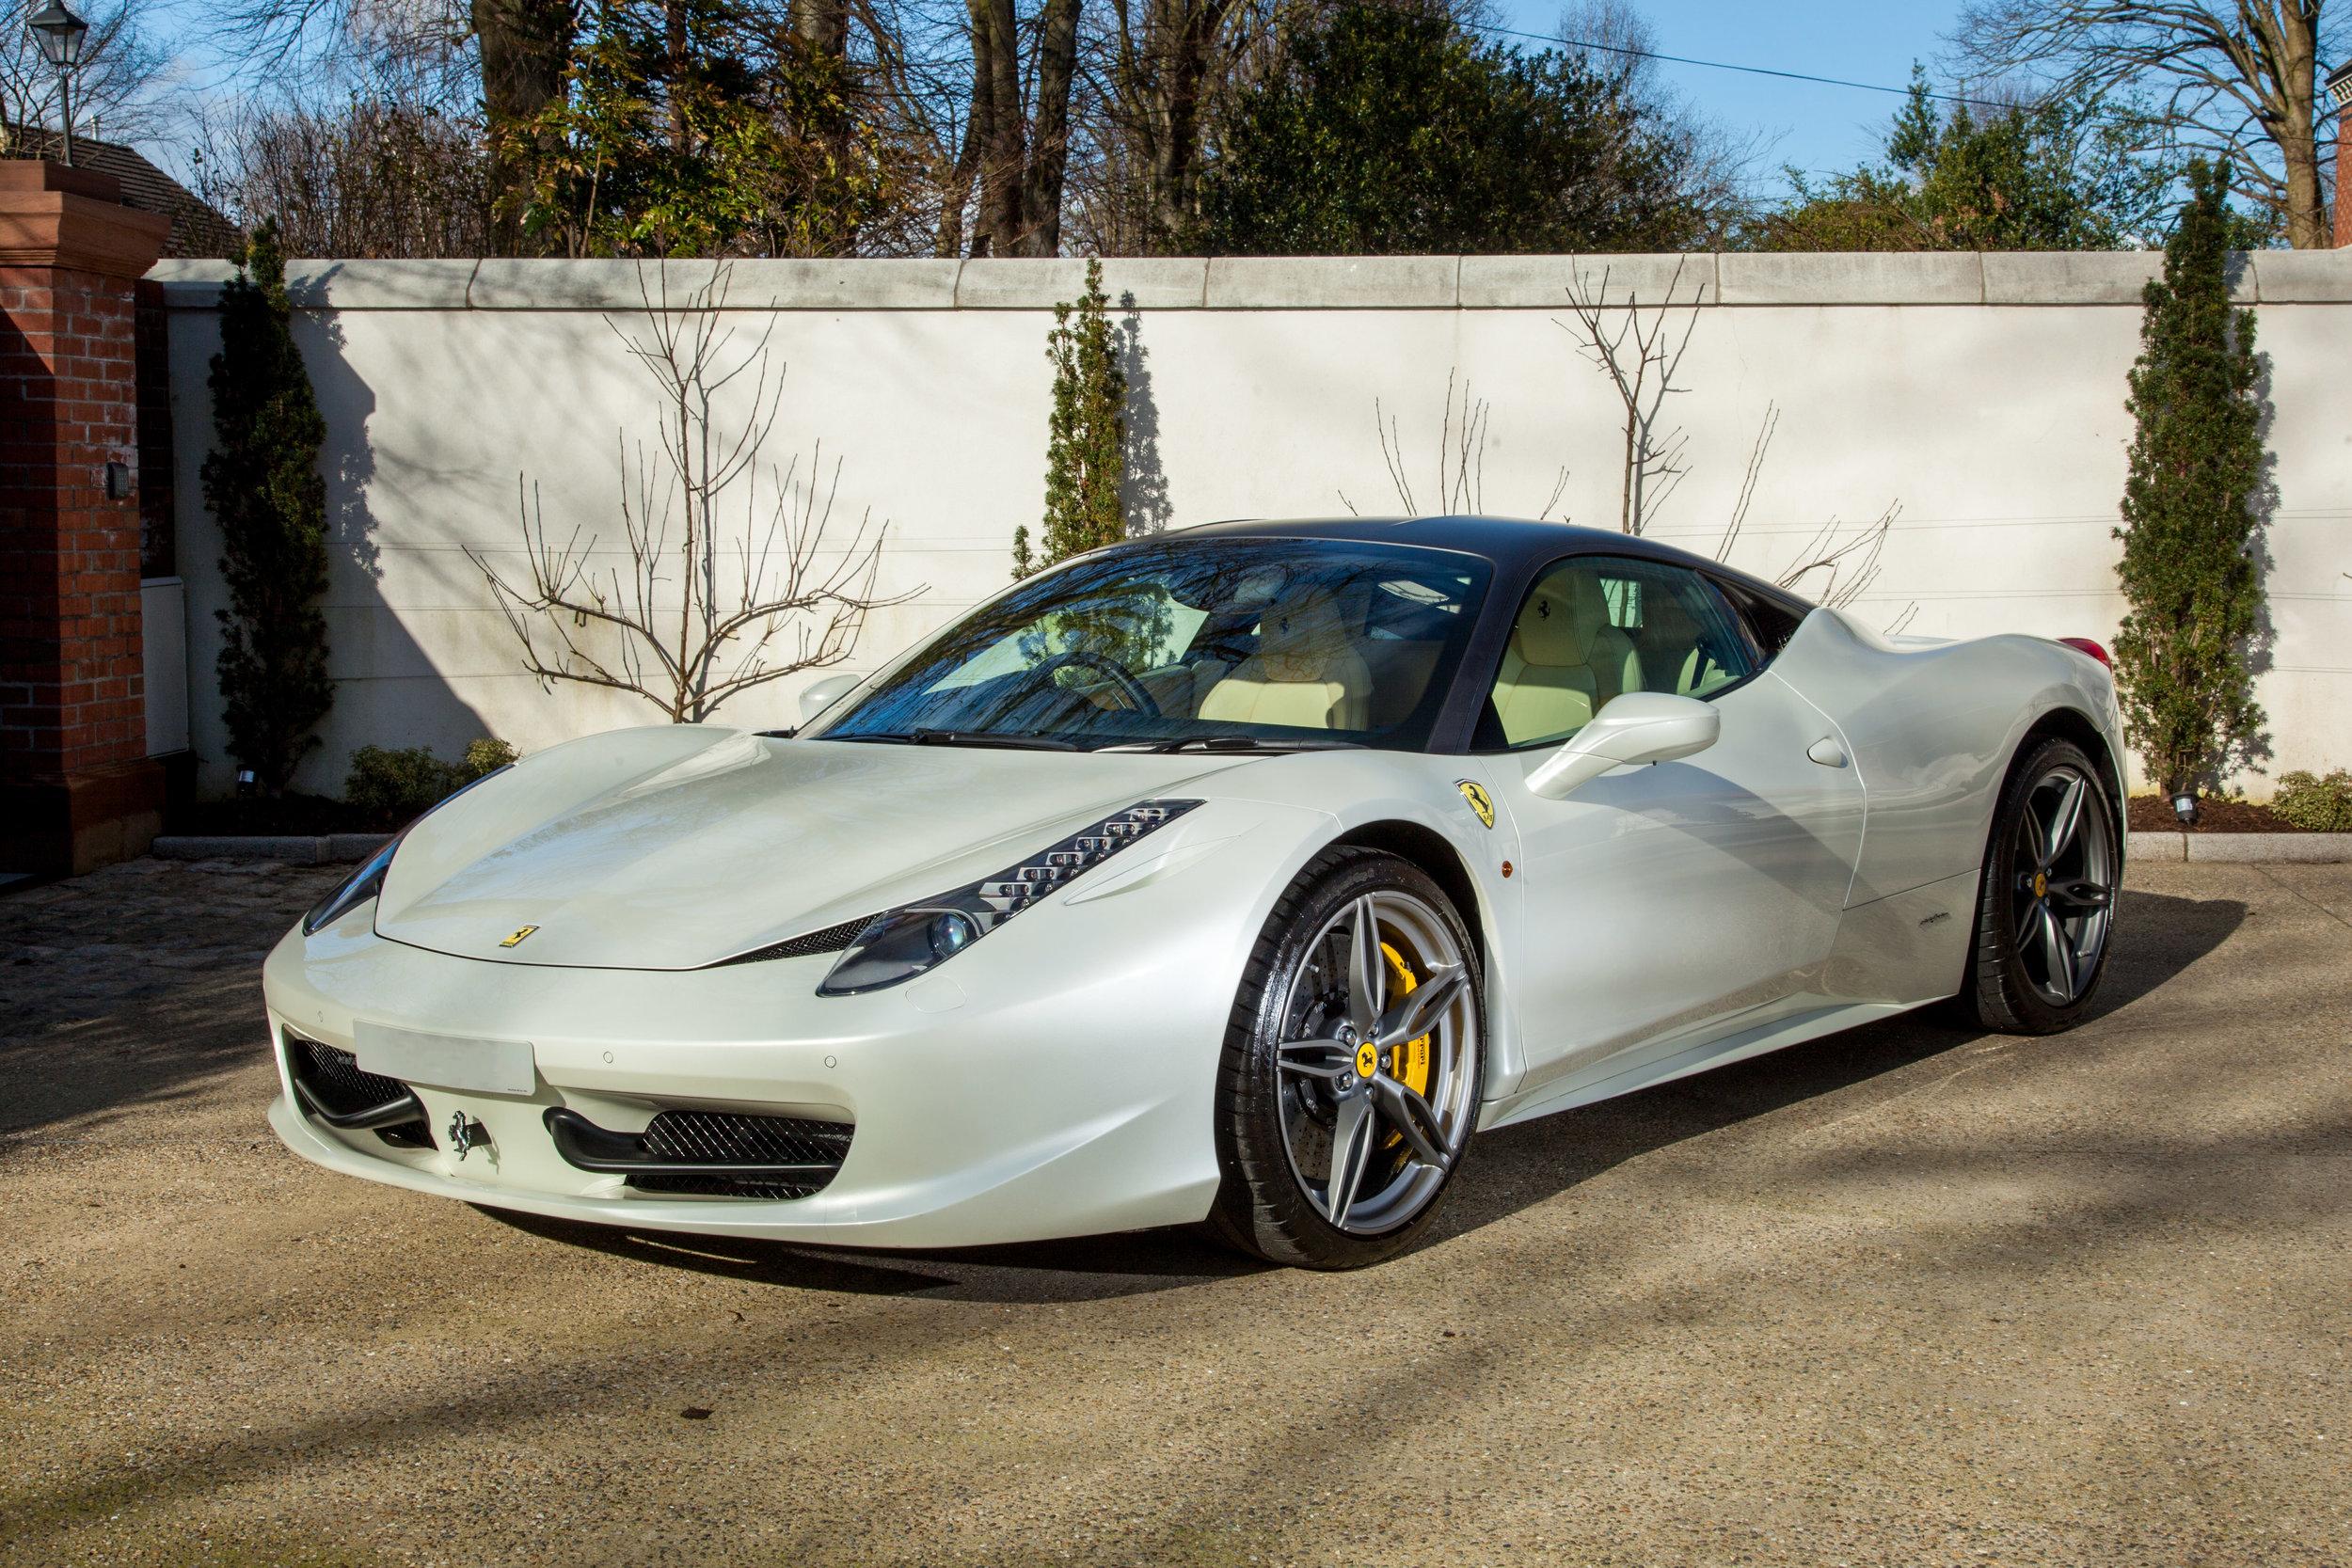 2015 Ferarri 458 Italia